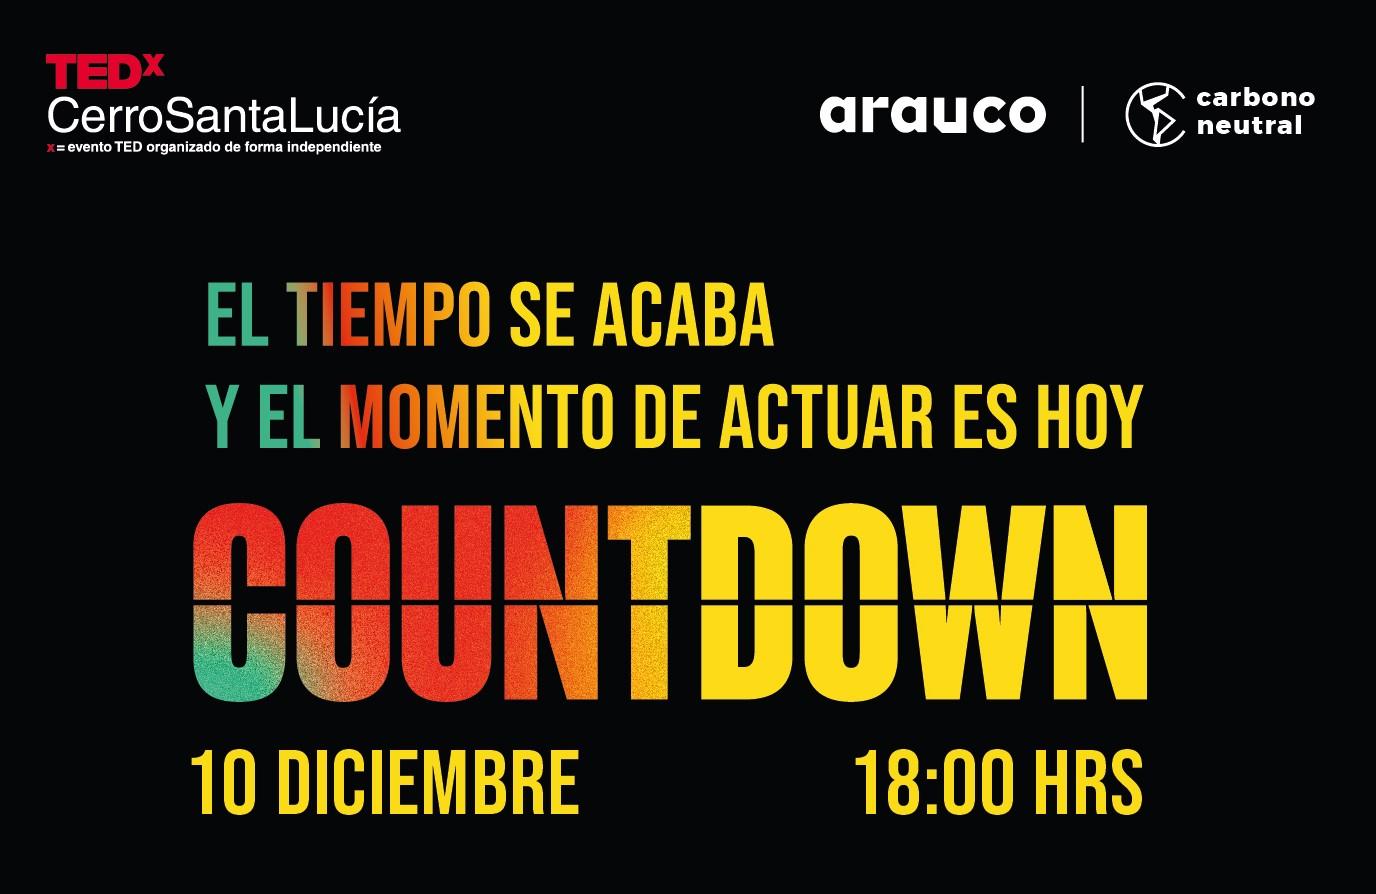 Participa de TEDxCerroSantaLucía COUNTDOWN